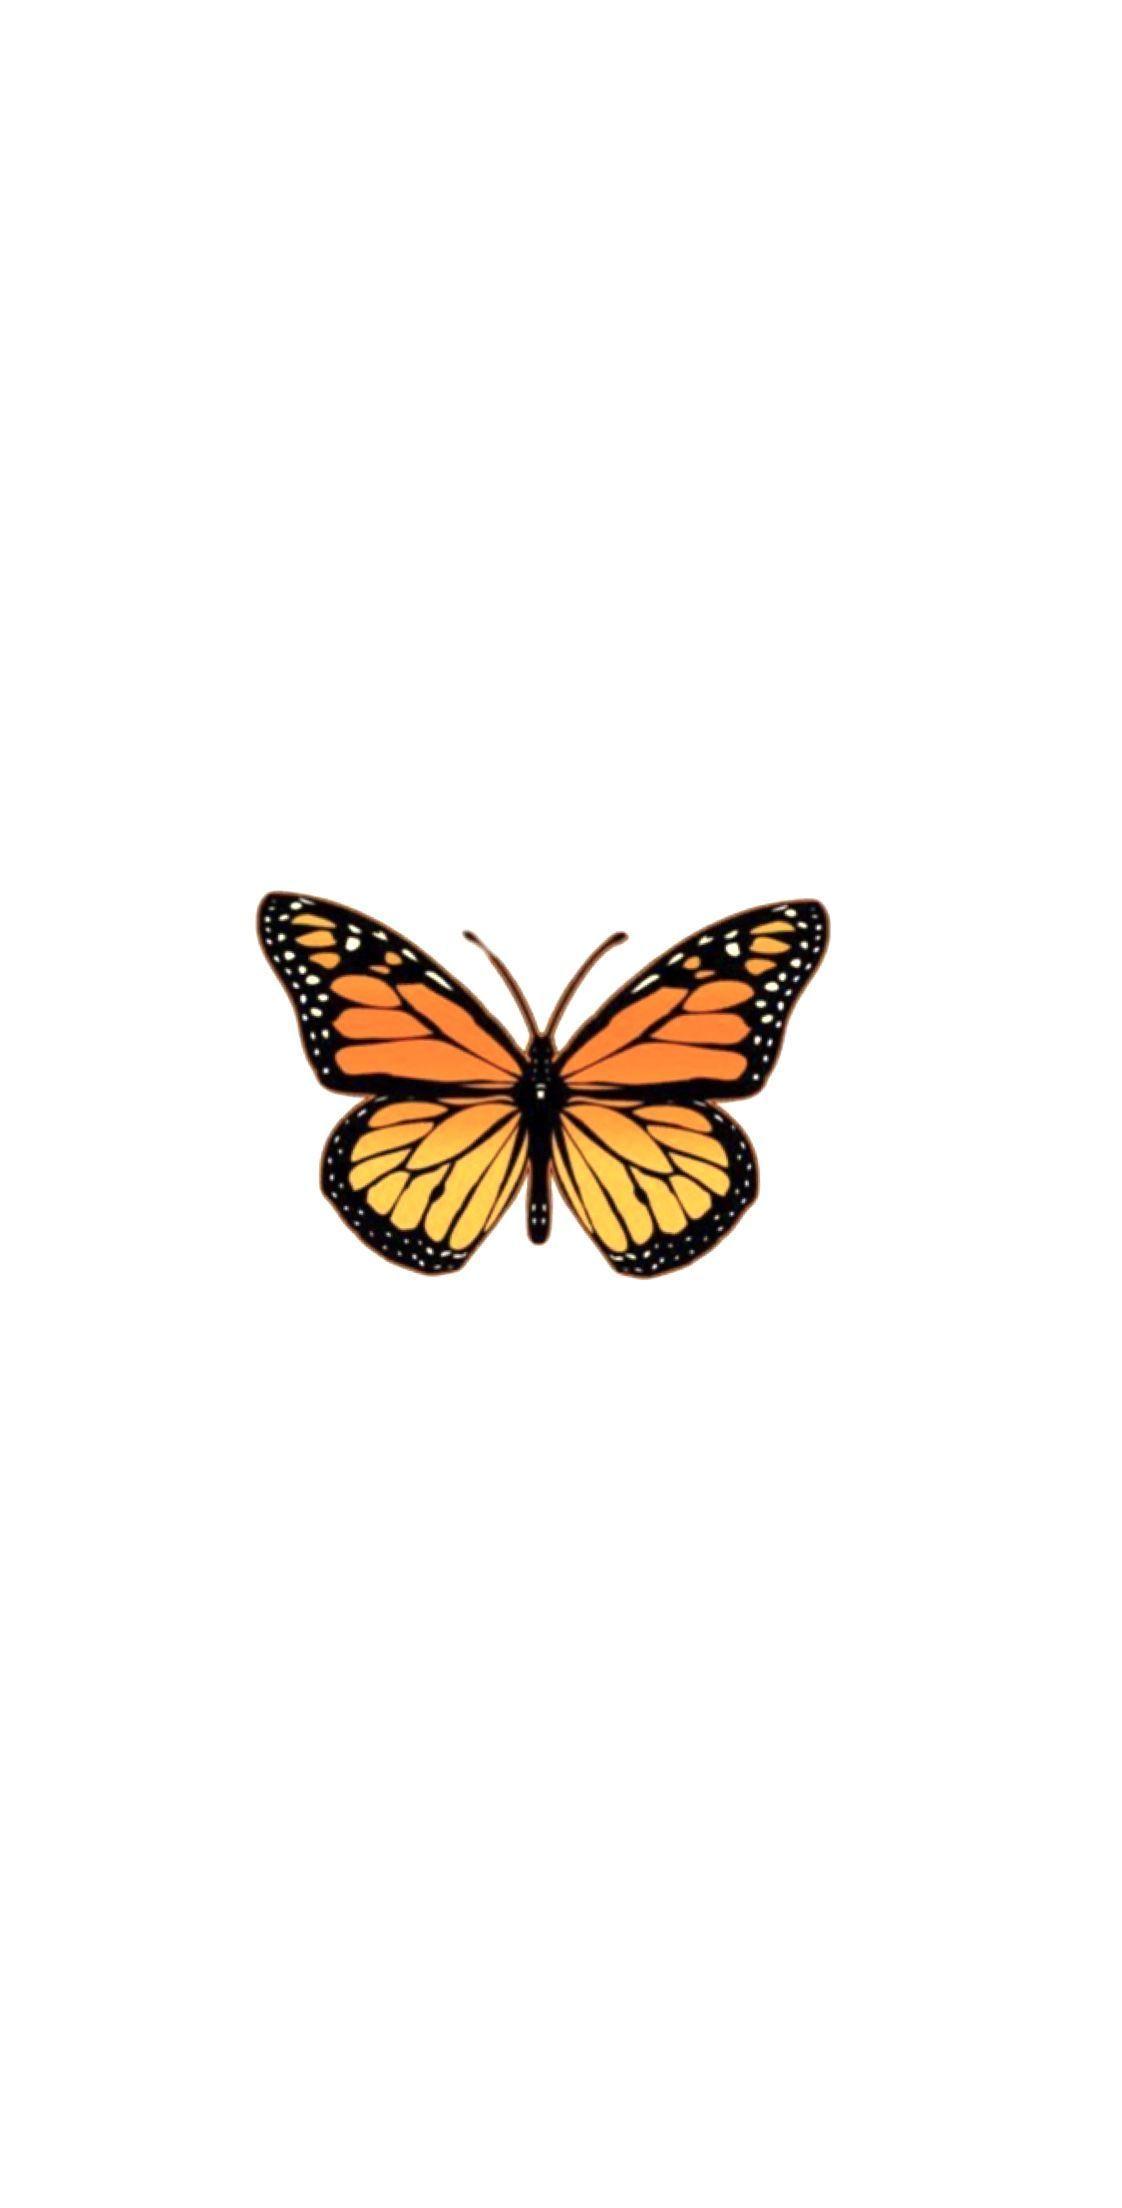 #butterfly aesthetic wallpaper Butterfly wallpaper, # ...